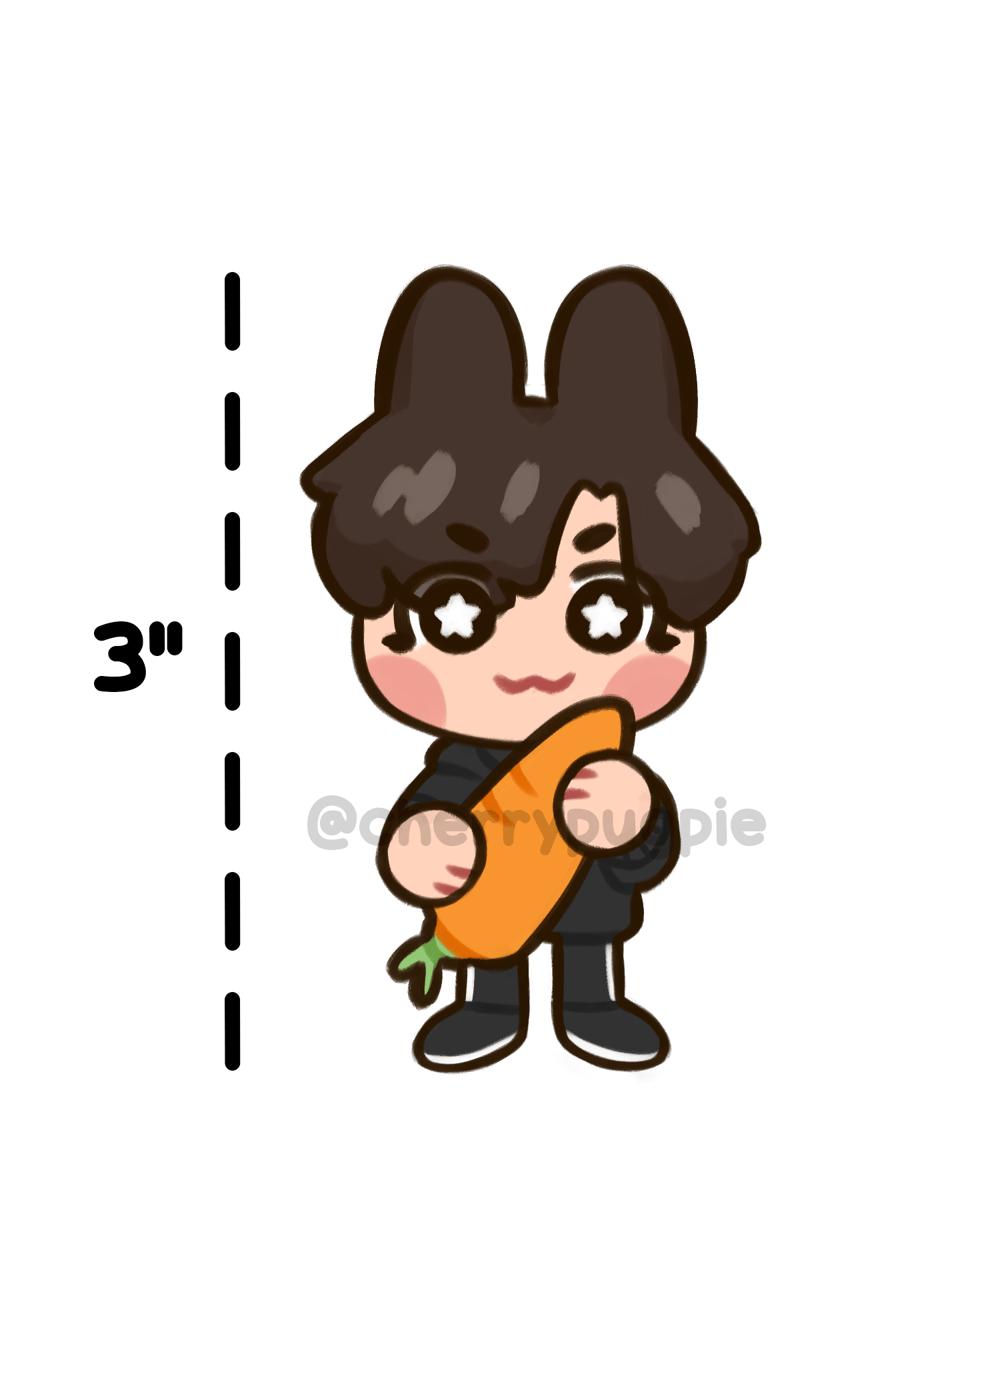 Bunny JK Standee